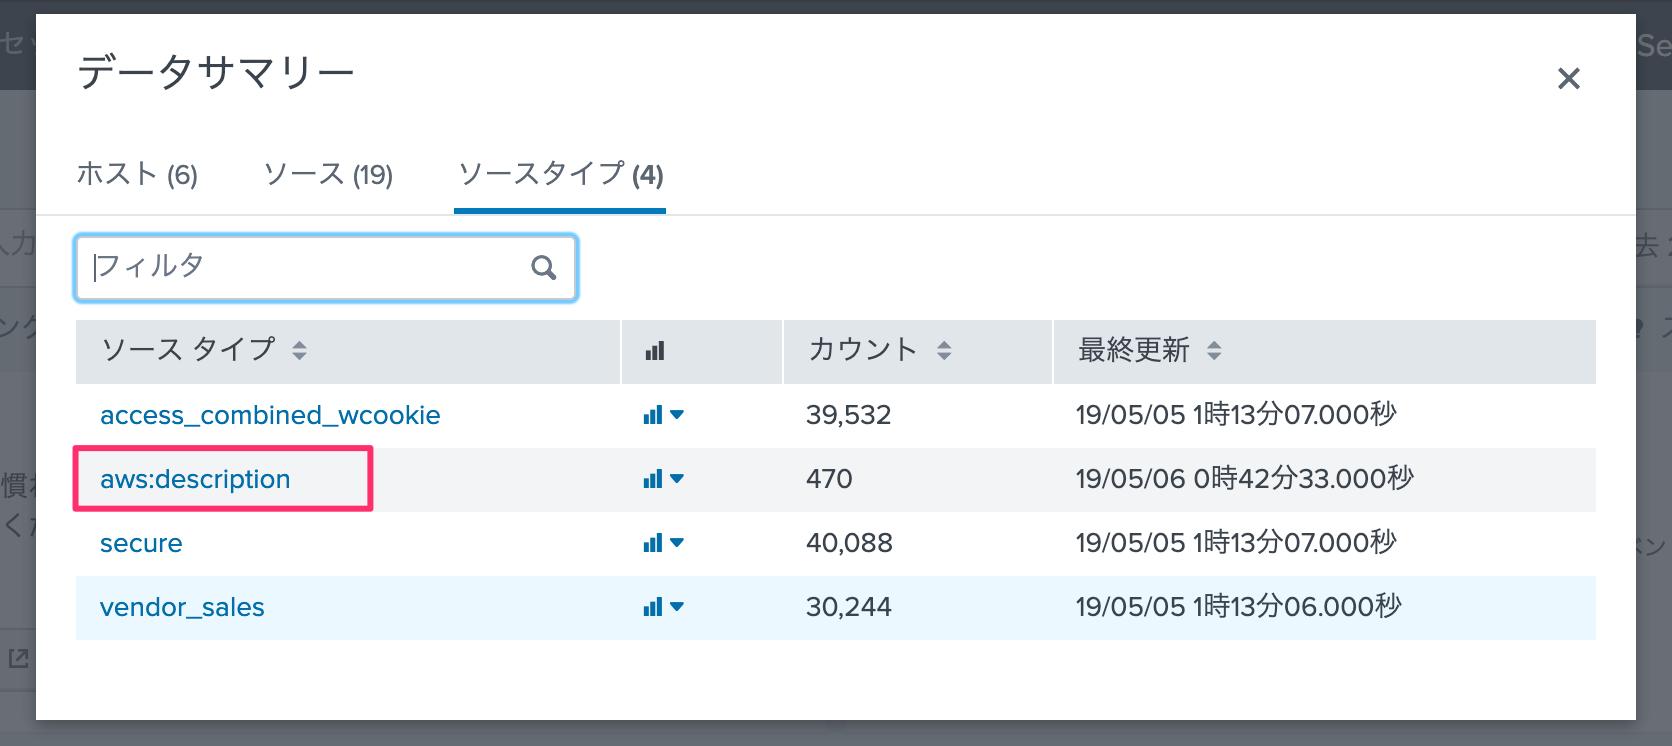 SplunkのAWS統合サービス「Splunk App for AWS」を試してみた